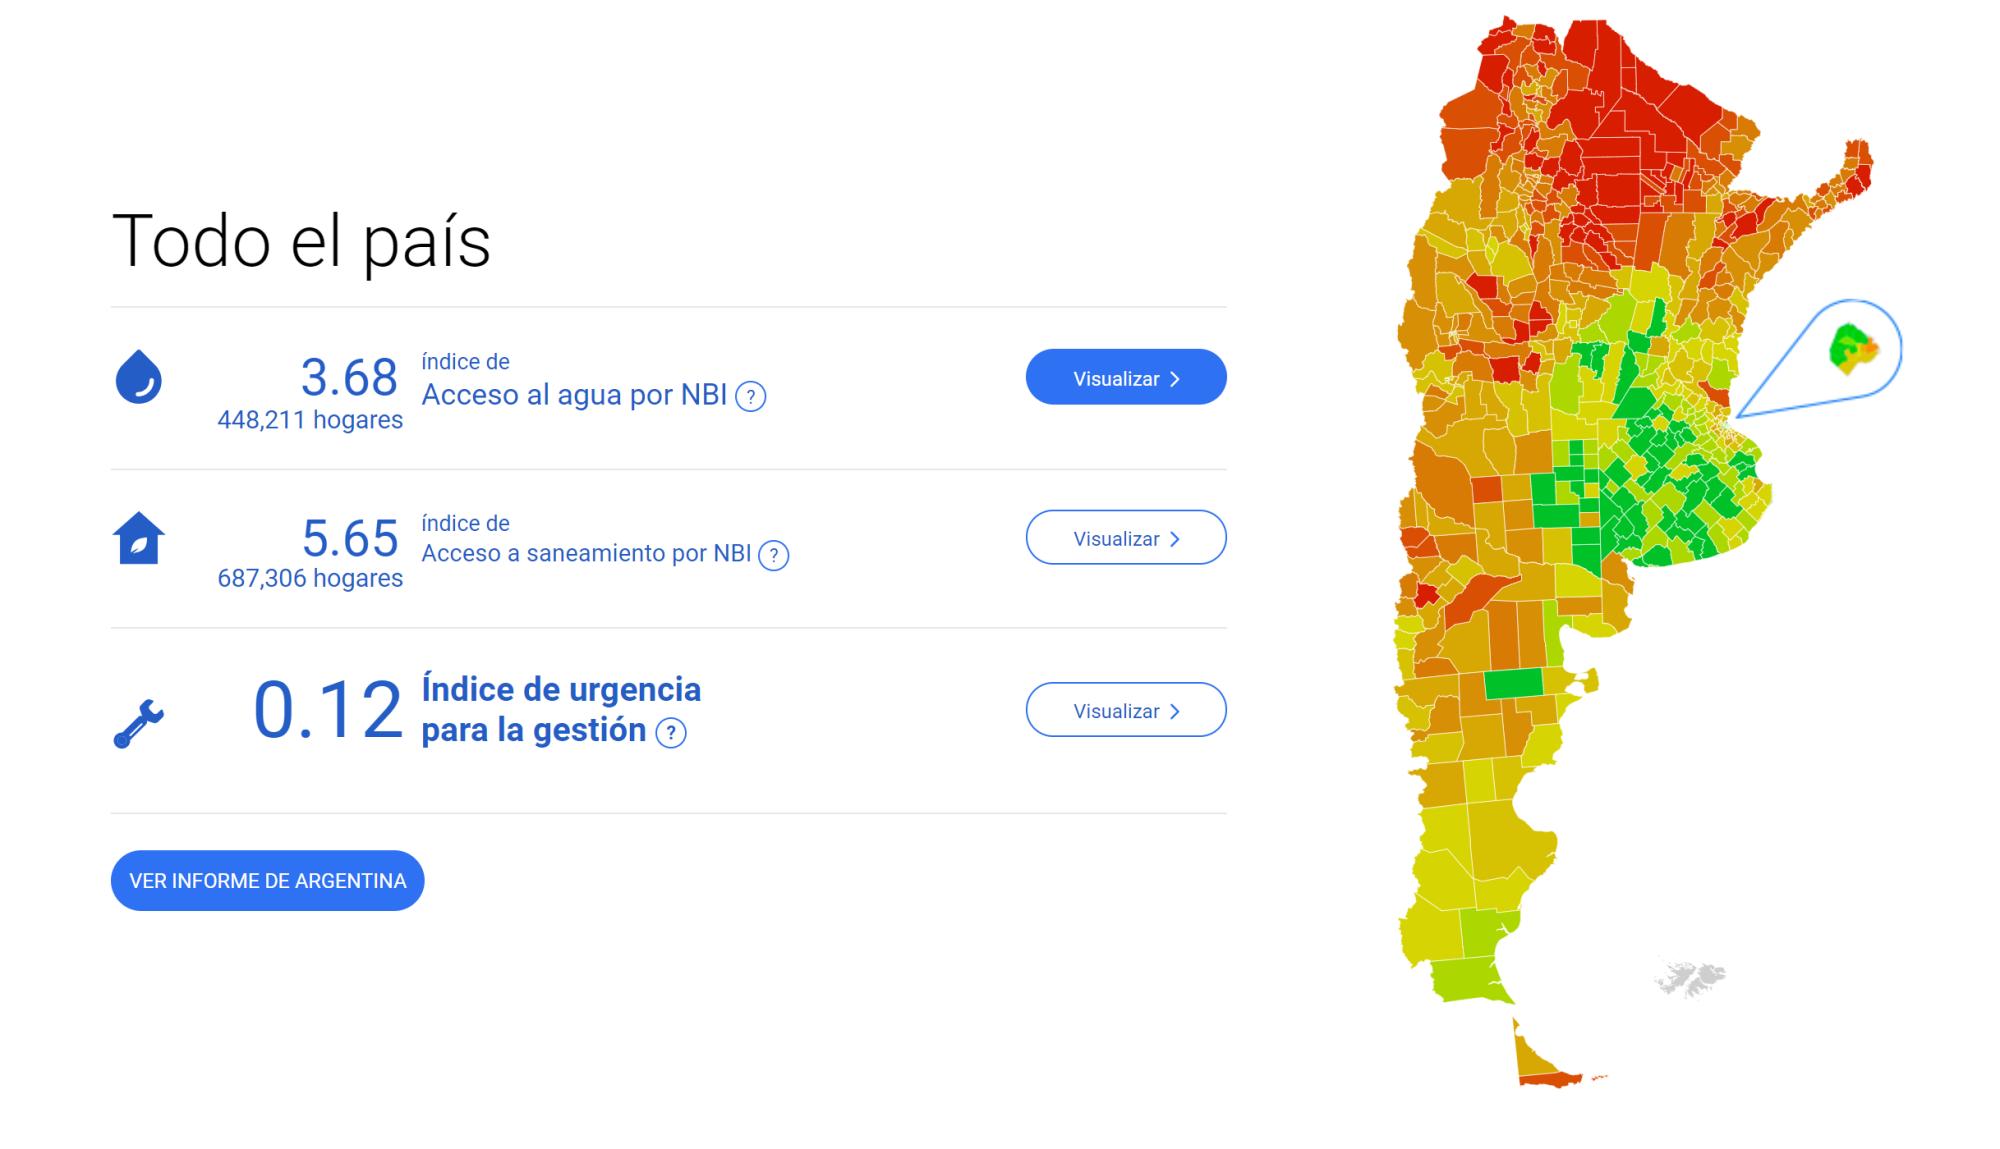 Semáforo. Los colores indican la intensidad del problema asociado al acceso a agua y cloacas. Rojo, para más intensidad, y verde, para menos.